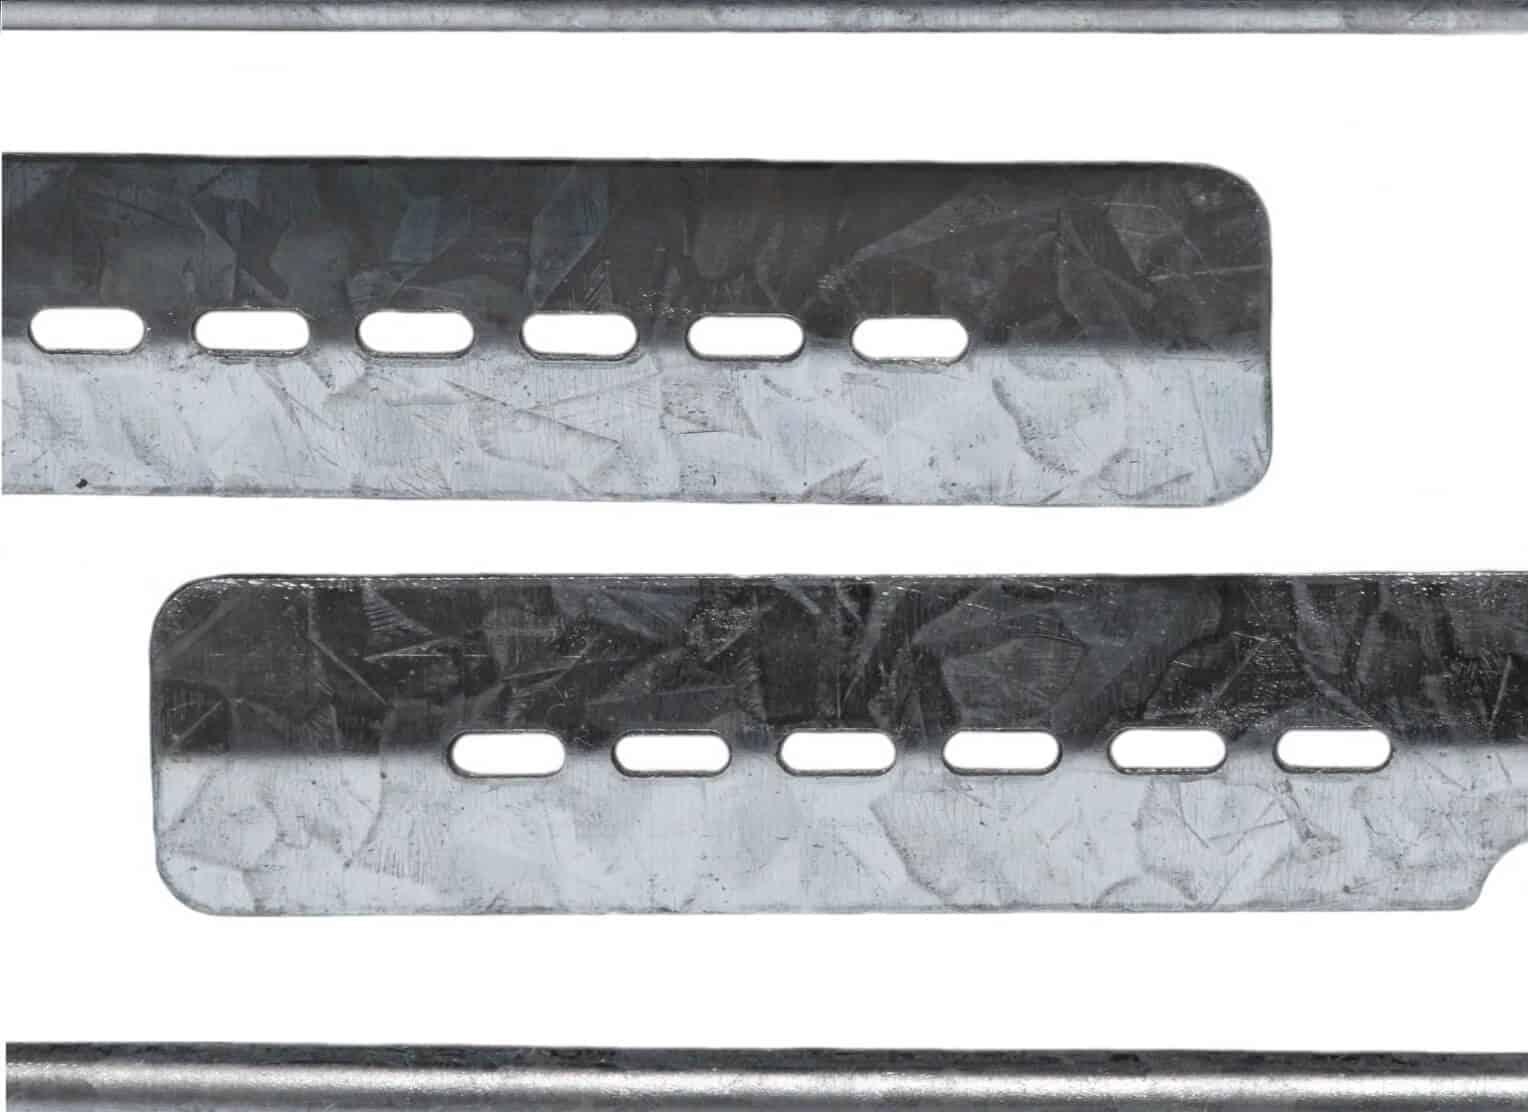 drywall bracket